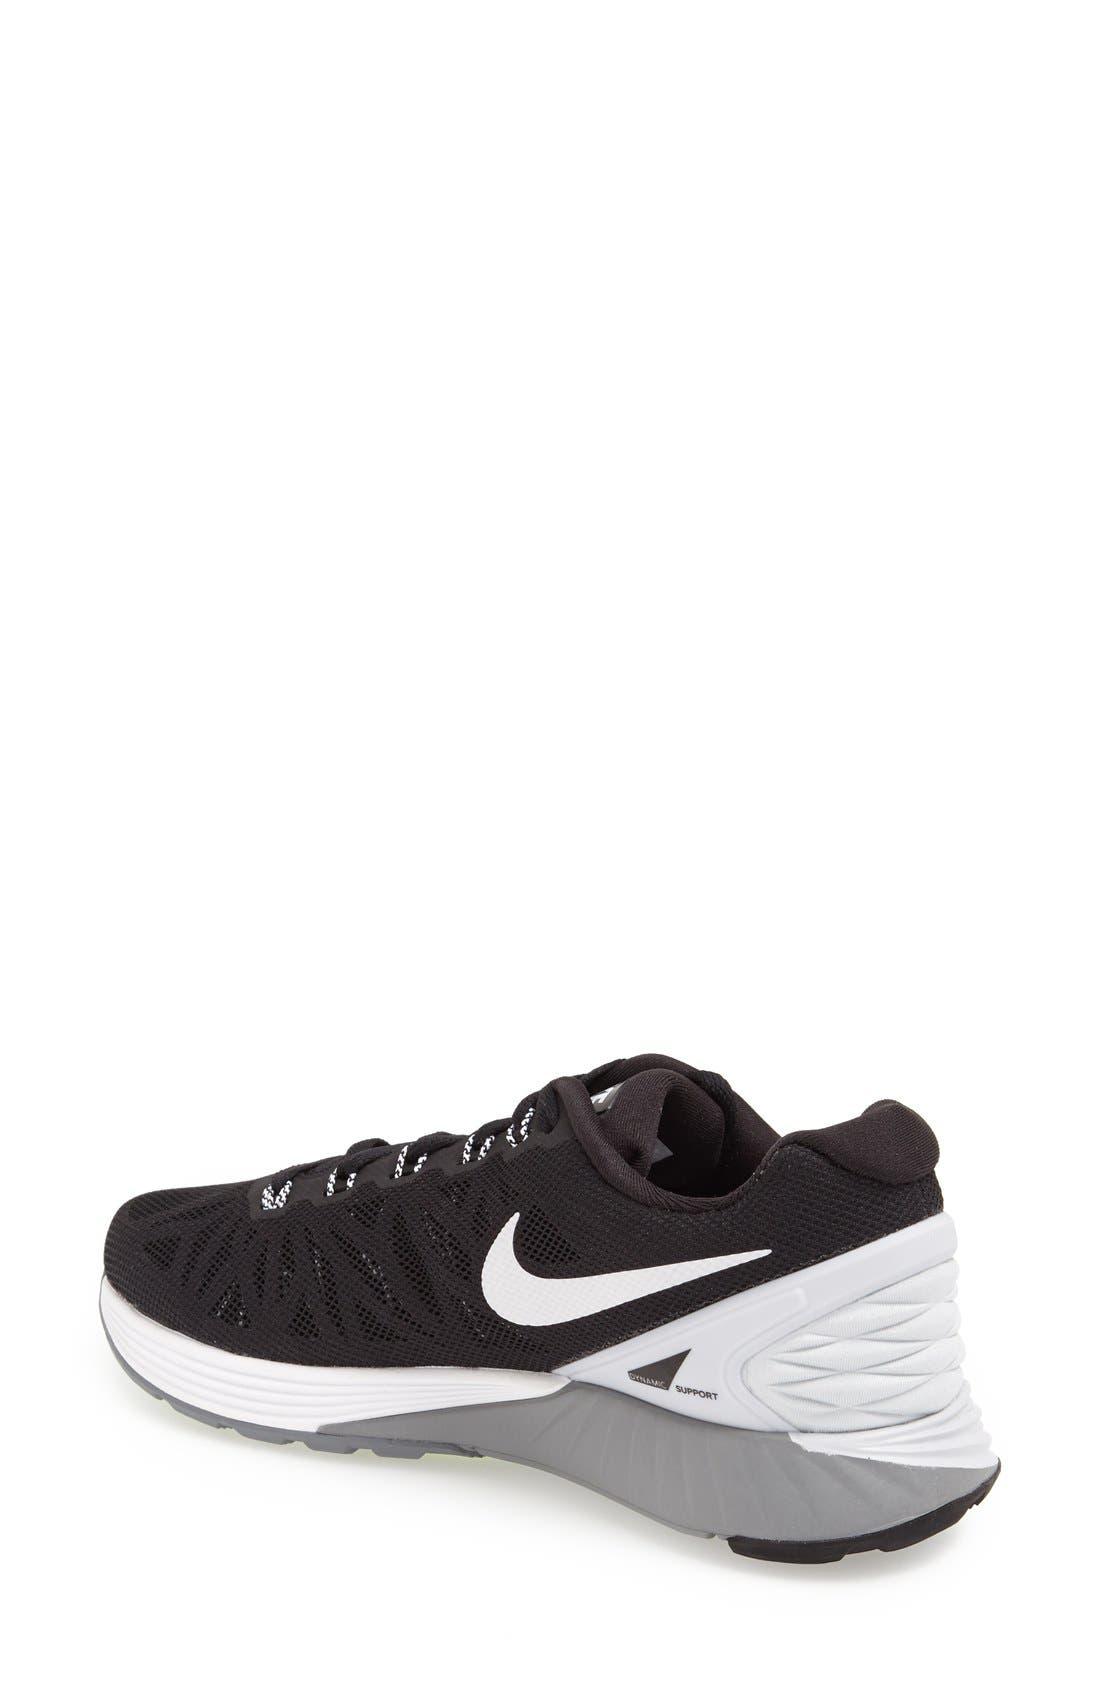 Alternate Image 2  - Nike 'Lunarglide 6' Running Shoe (Women)